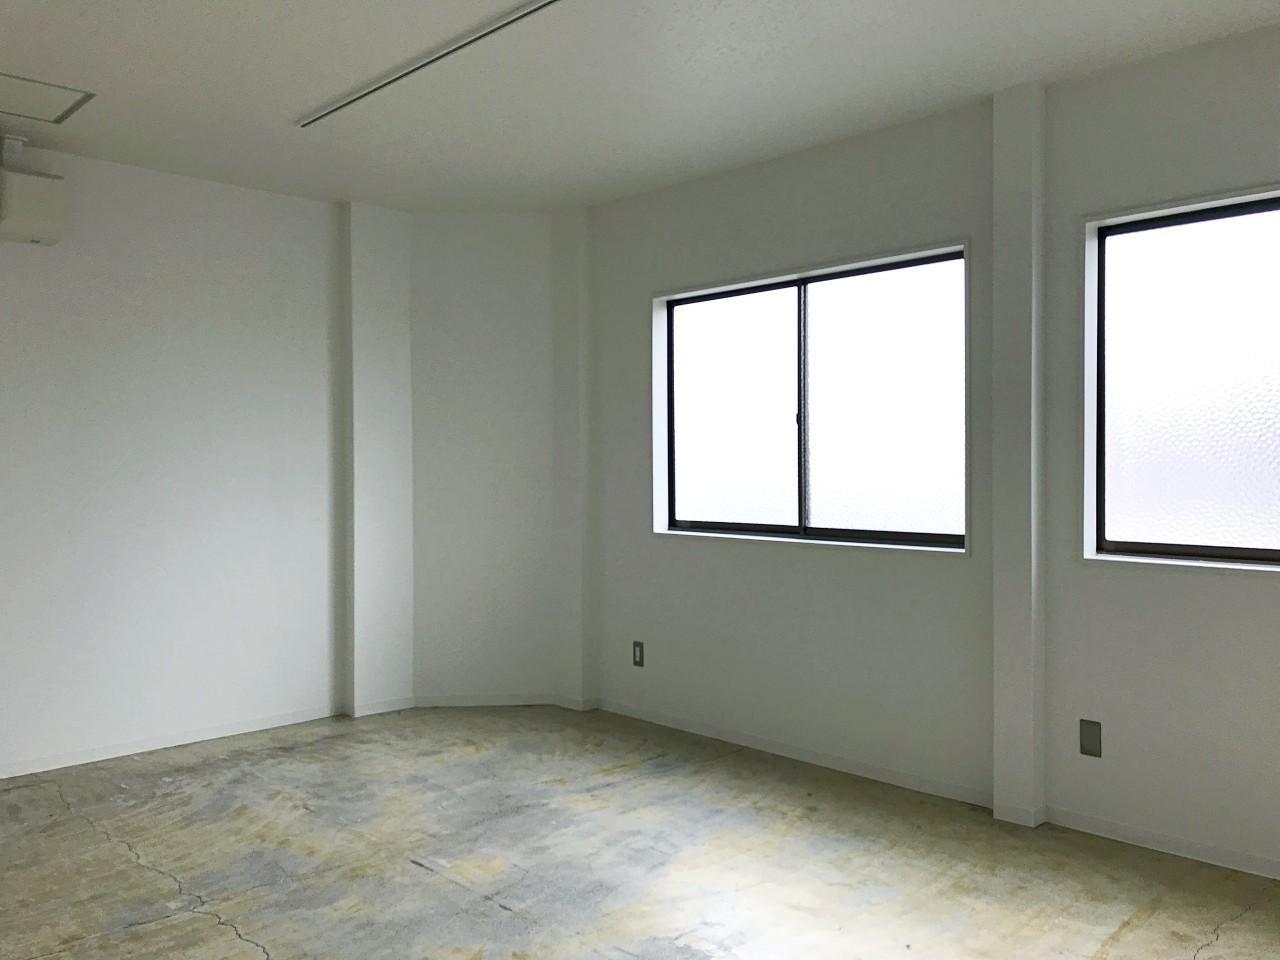 広さ / 窓の数 / 向きも様々なので、お好みの部屋を